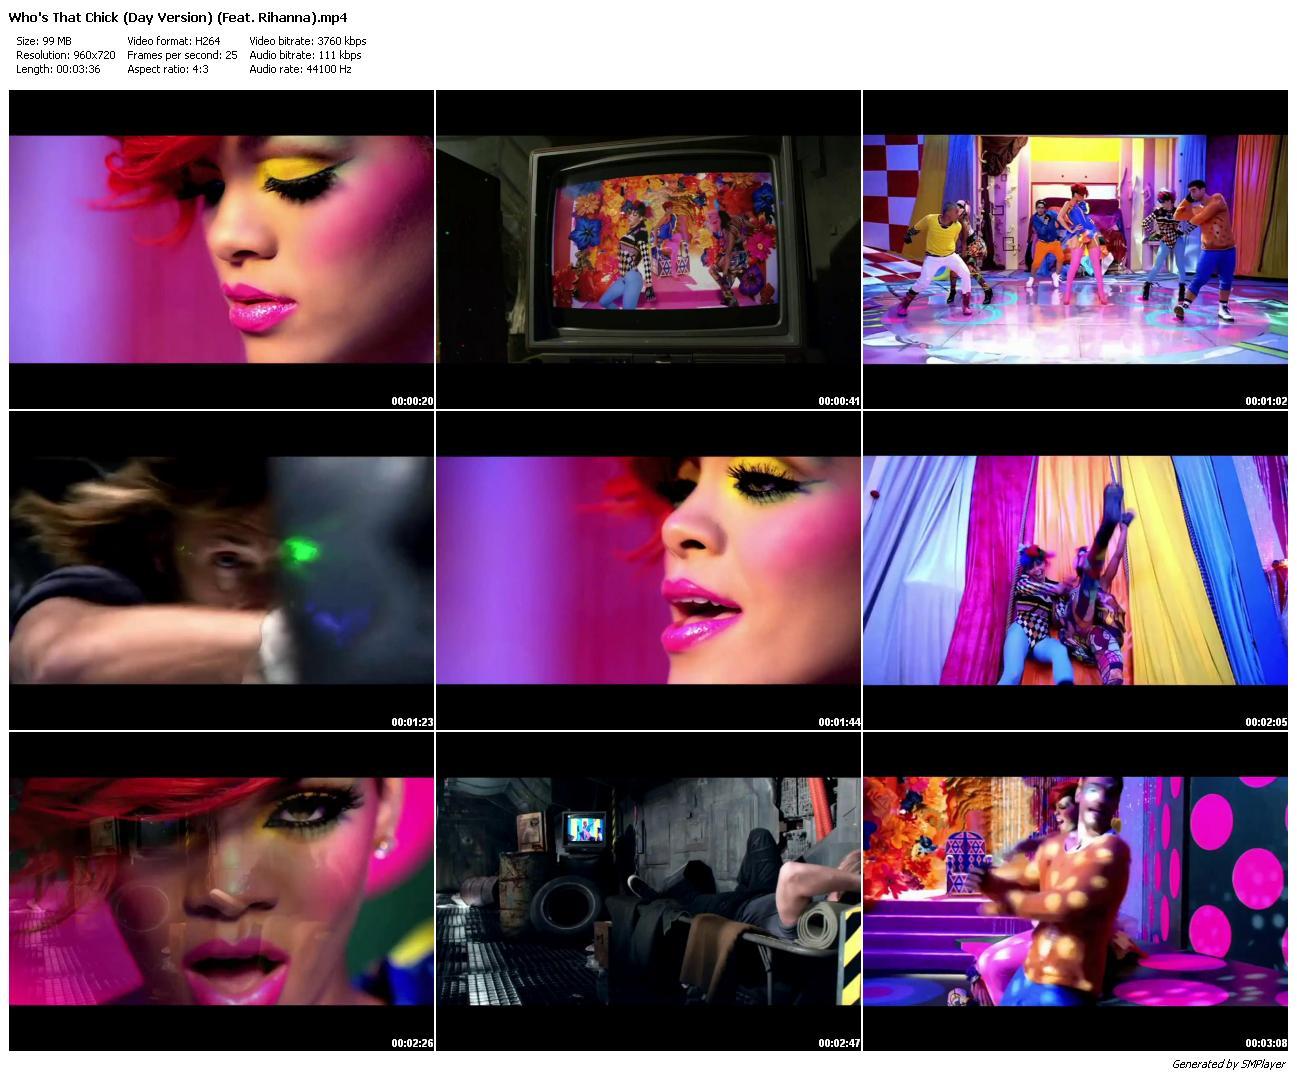 http://4.bp.blogspot.com/-Xj1YUUQ8Tjo/T6_QWLj3iRI/AAAAAAAAFDY/5L0G7Ty_Hqo/s1600/Who\'s+That+Chick+(Day+Version)+(Feat.+Rihanna)_preview.jpg